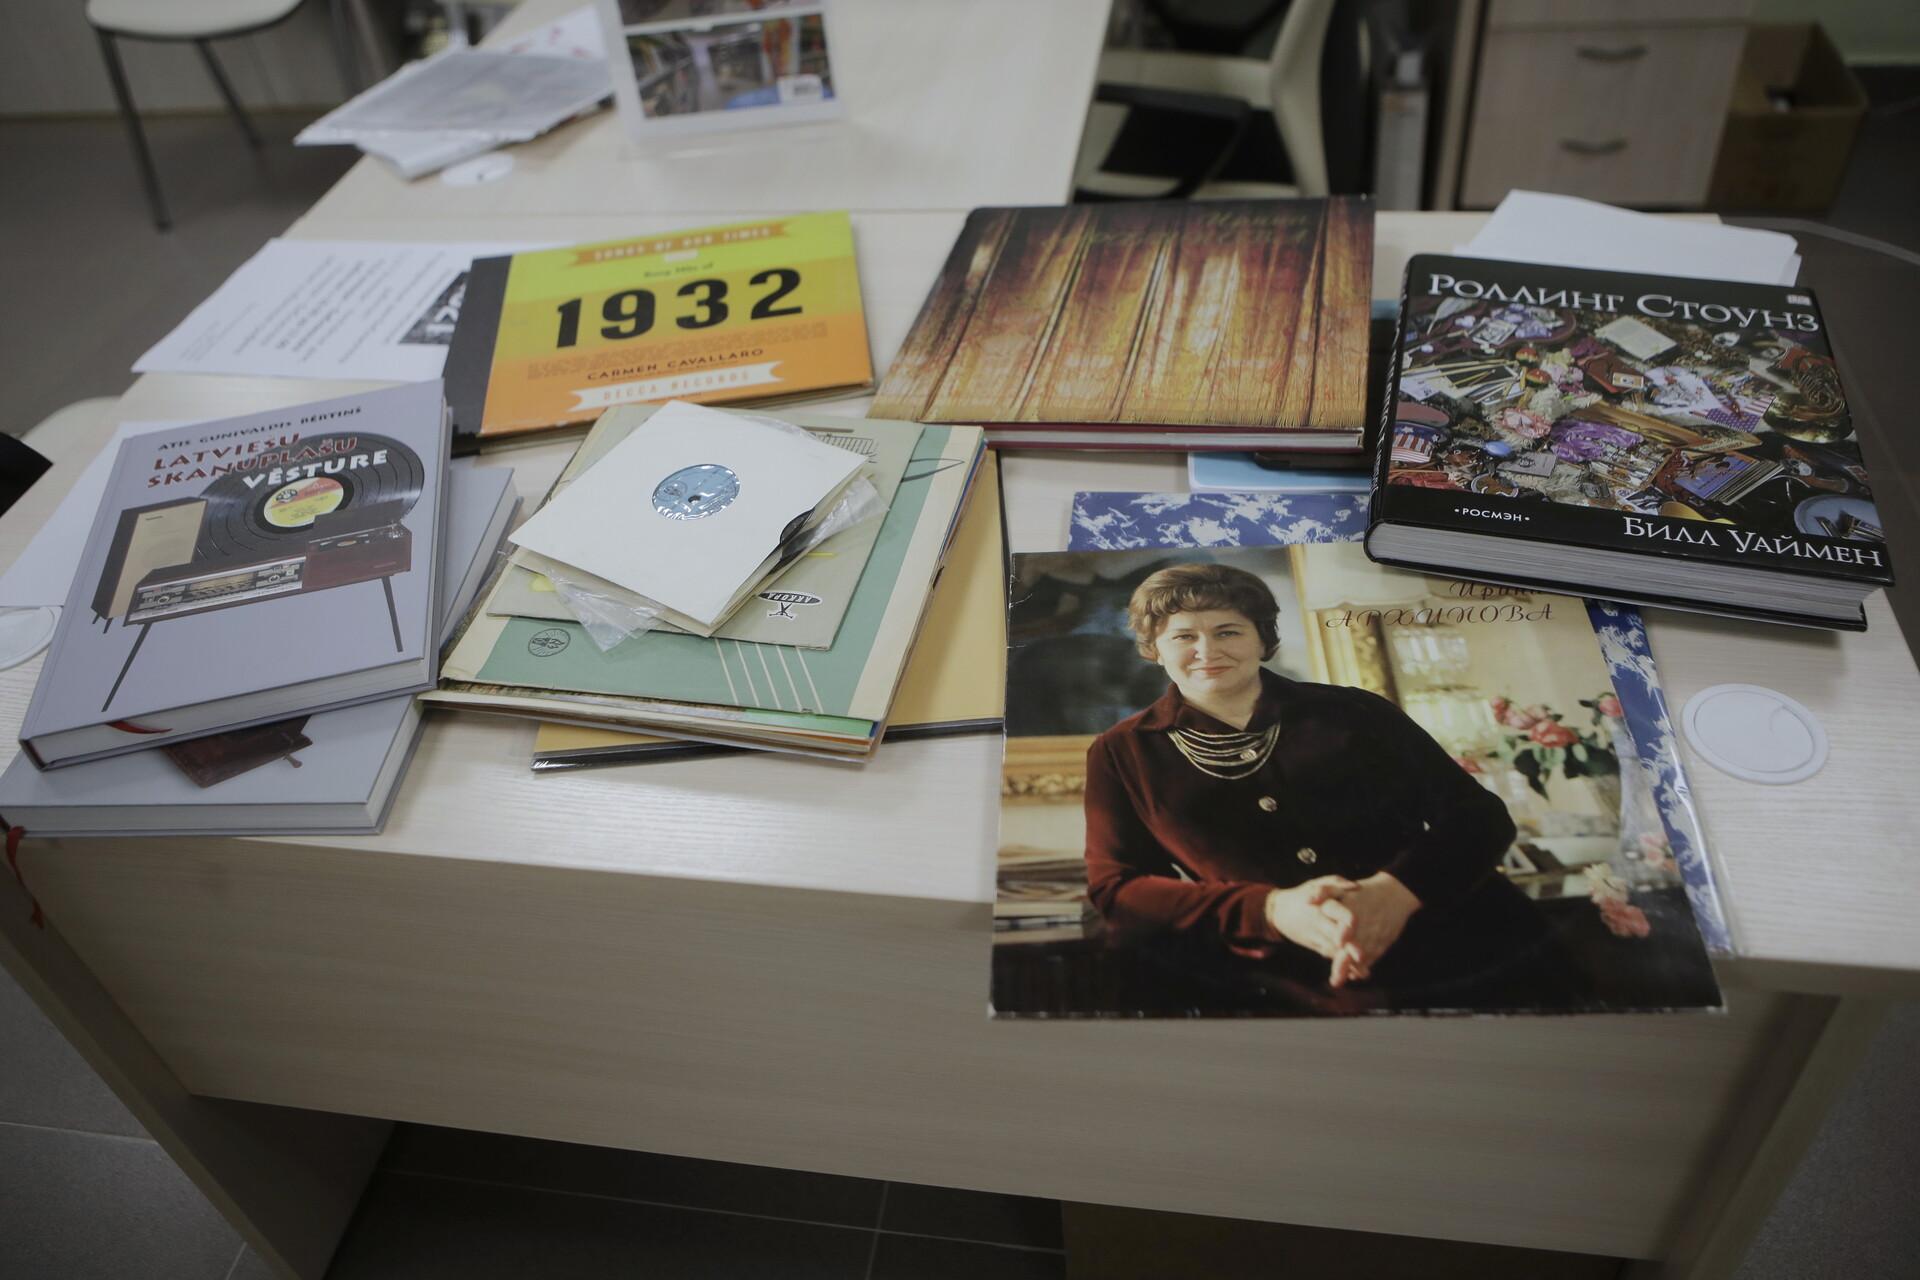 Коллекция пластинок насчитывает тысячи экземпляров. Фото Андрея Степанова.